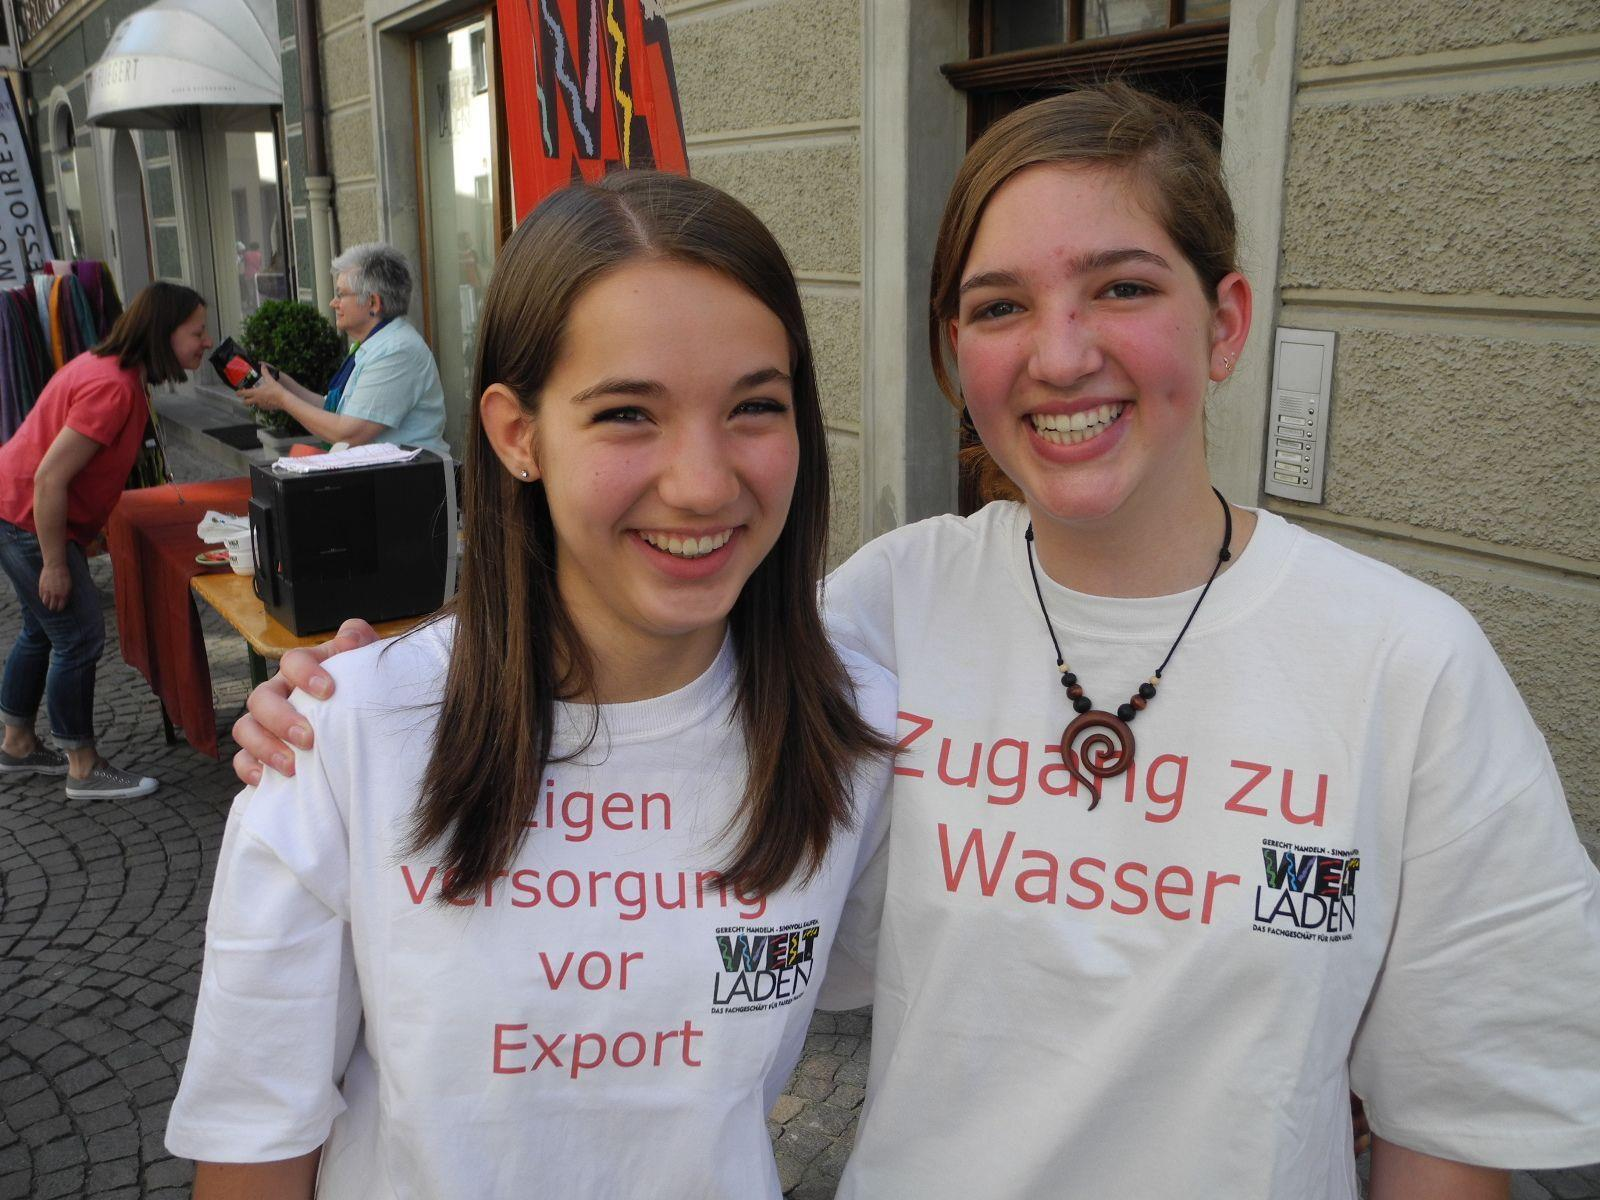 Die Gymnasiastinnen Clara Distler und Lea Kerschhaggl setzen sich mit ihren Mitschülerinnen für Fair Trade ein